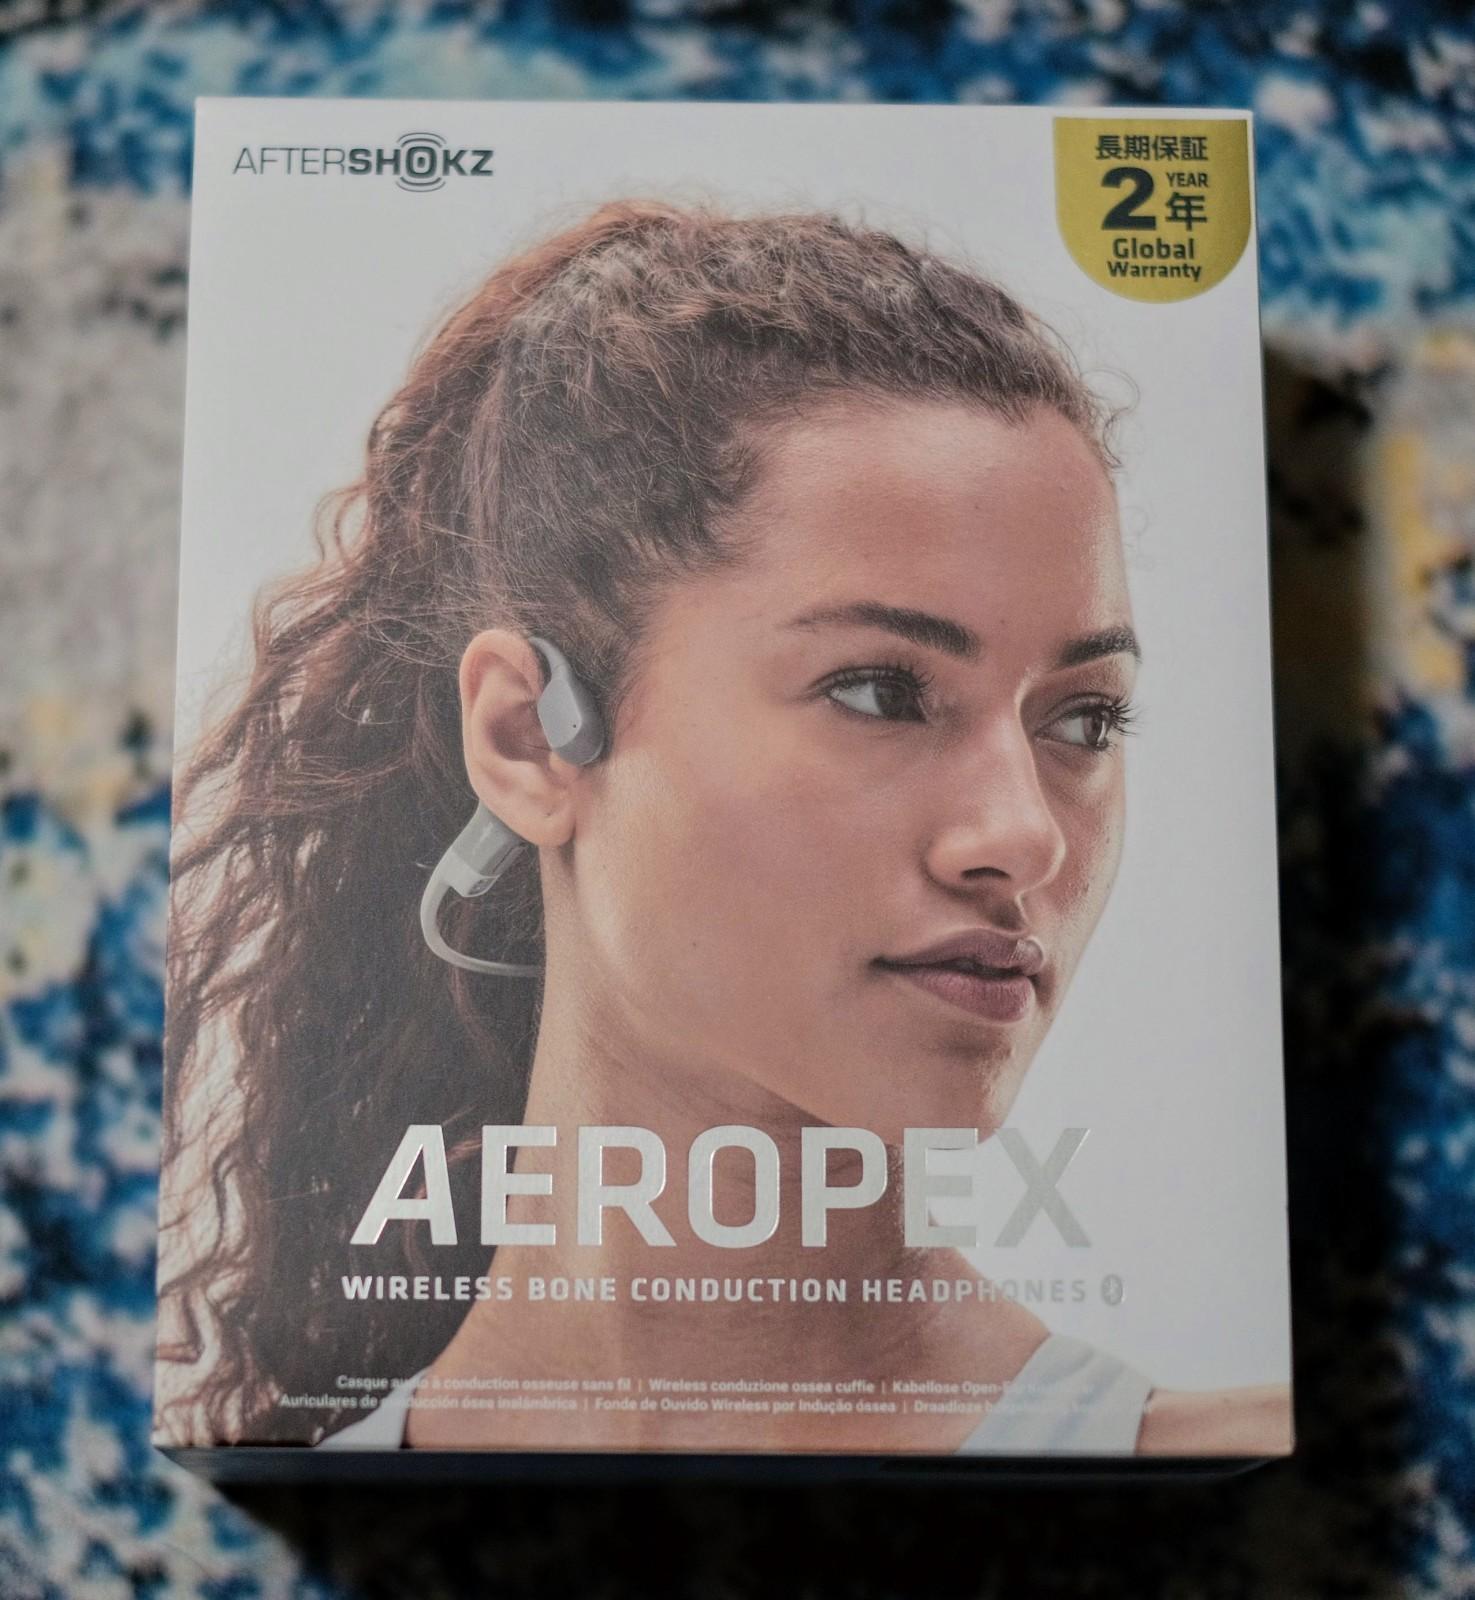 骨伝導ワイヤレスヘッドホンAfterShokz Aeropex がかなり良い!_b0024832_23433717.jpg